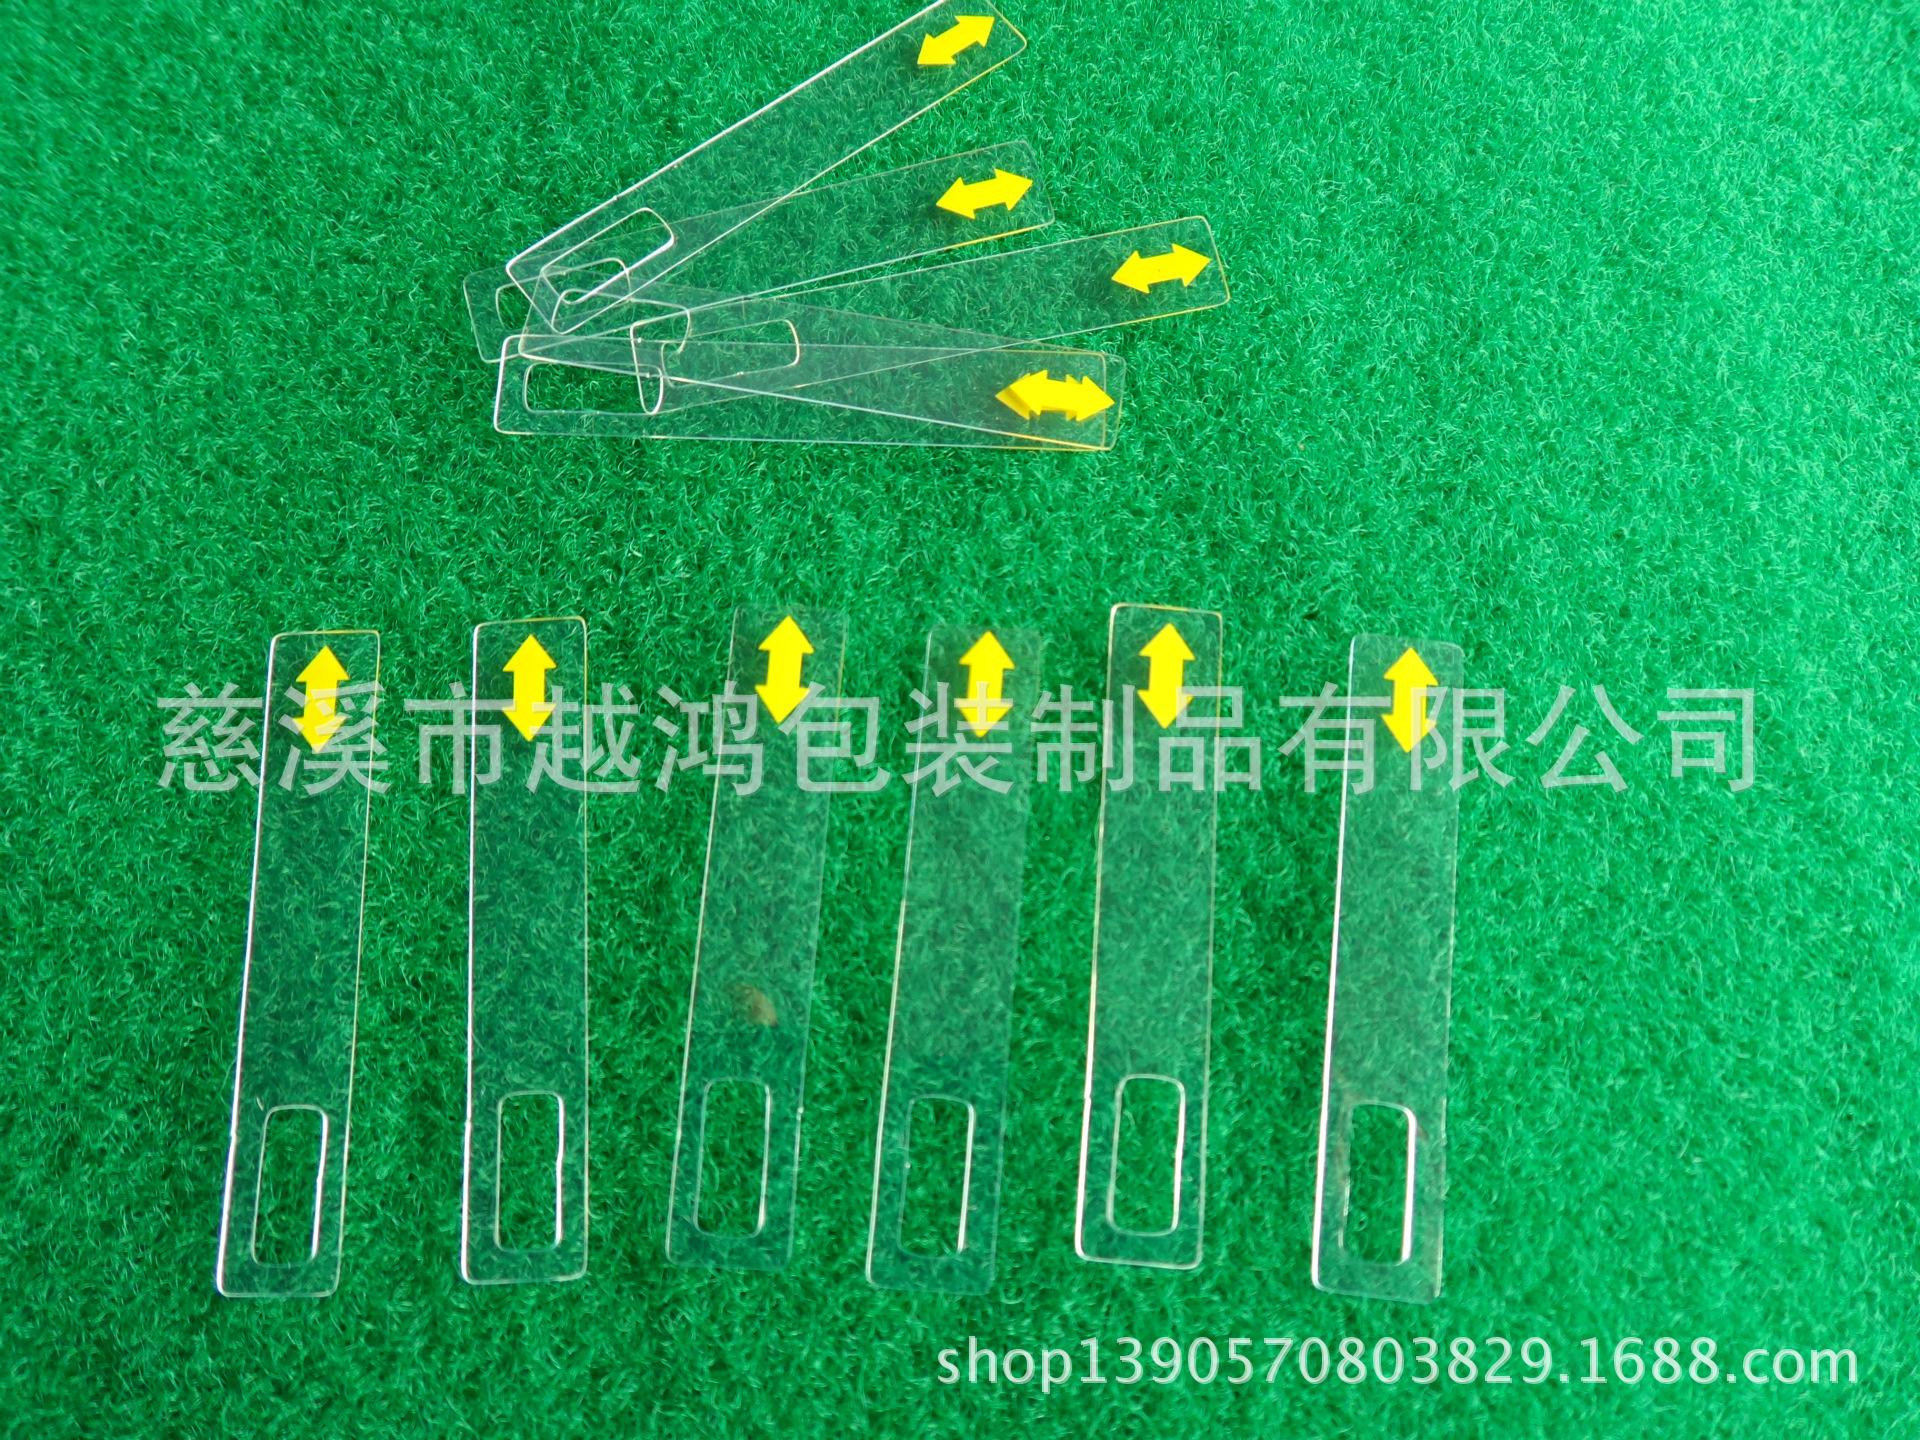 大量底价供应 透明麦拉片 丝印绝缘片 电池隔电片 全网包邮